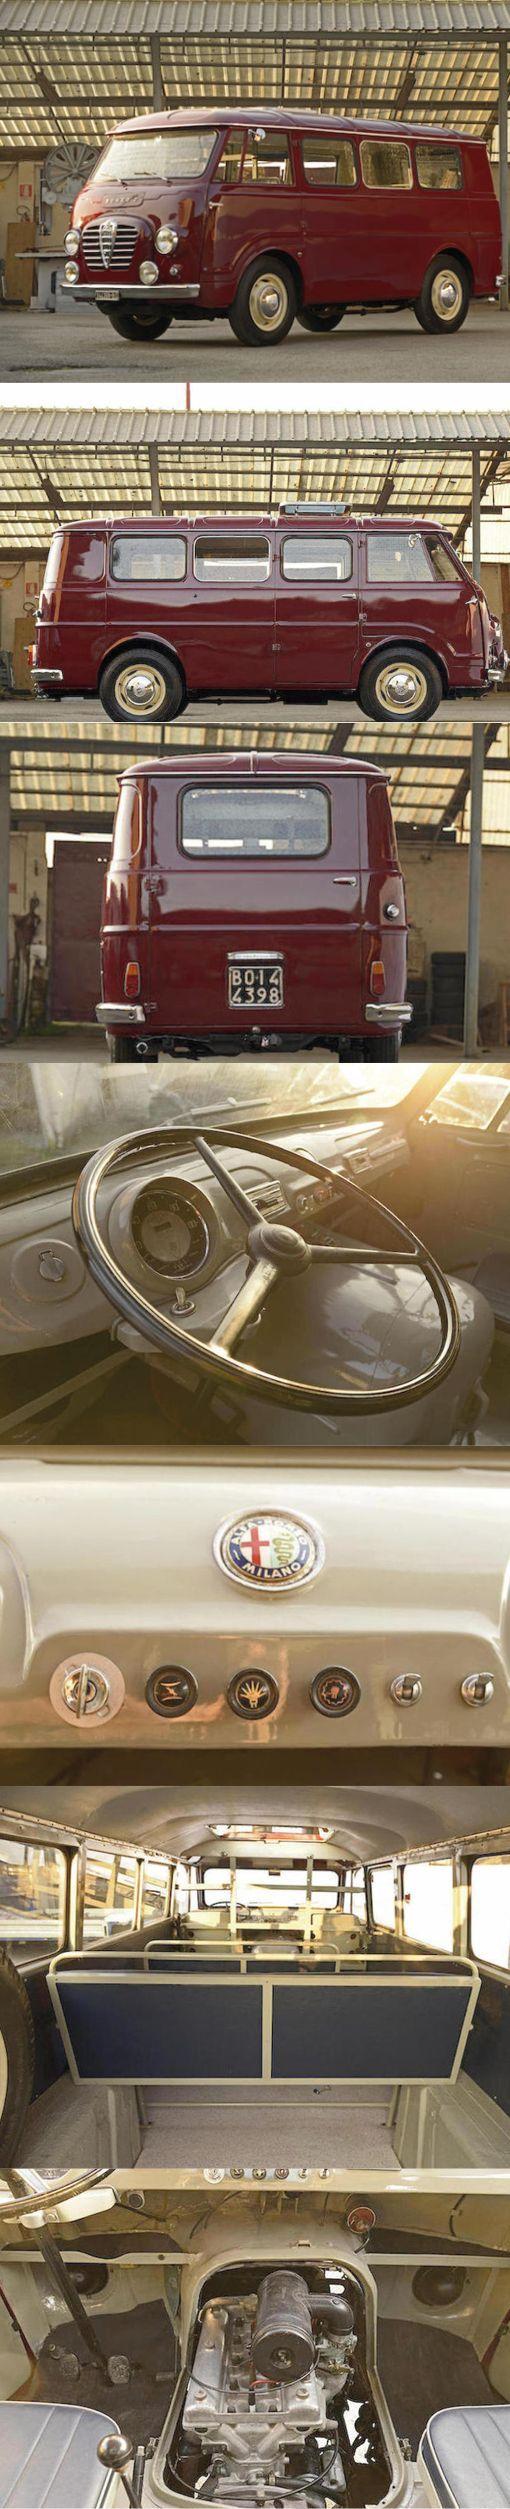 1954 год. Итальянский ответ Фольксвагену - Alfa Romeo Romeo Alfa romeo, Авто, Фотография, Ретроавтомобиль, Интересное, Ретро, Длиннопост